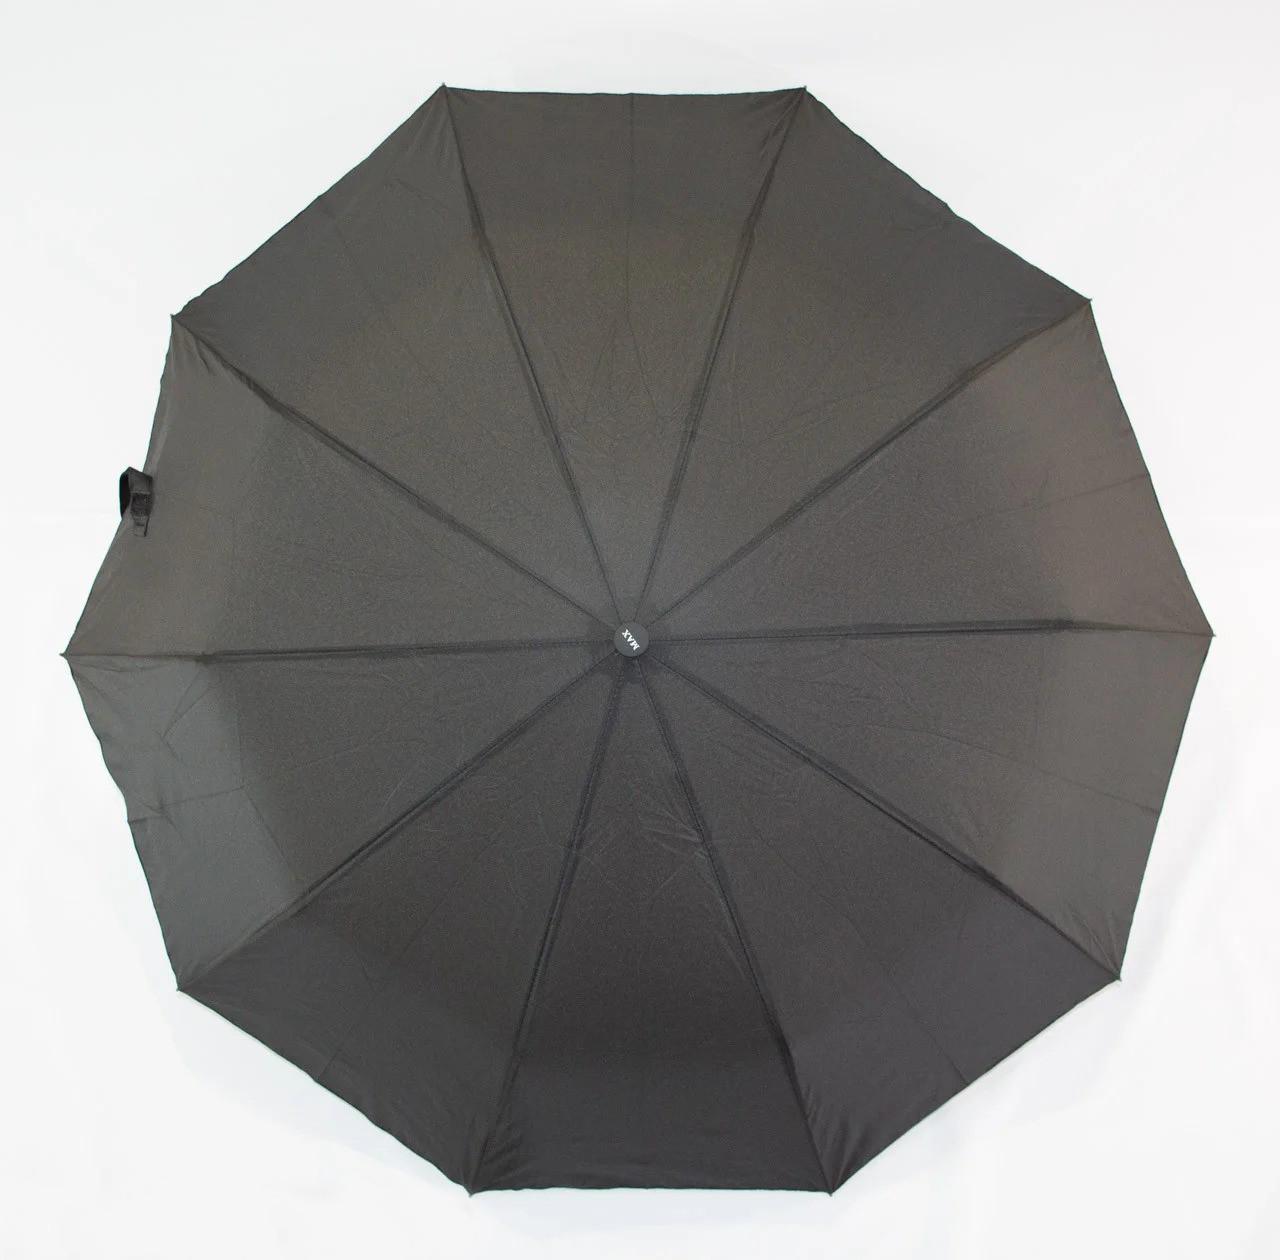 Зонт мужской полуавтомат с куполом 98 см Max черный. Анти-ветер, 10 спиц.